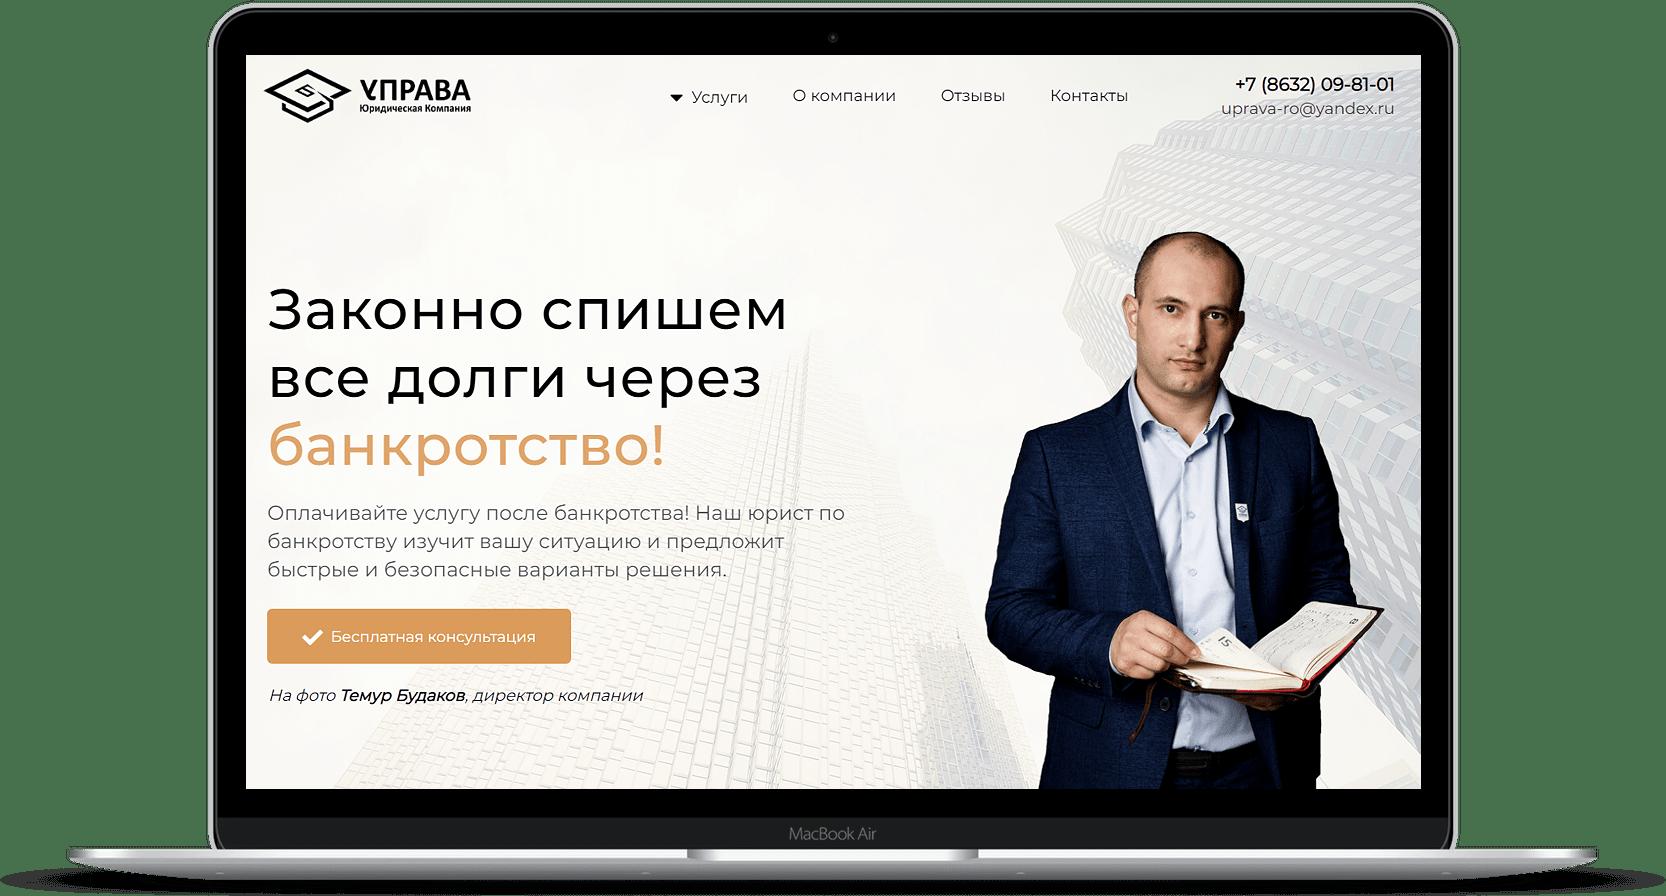 Сайт по списыванию услугам - банкротству